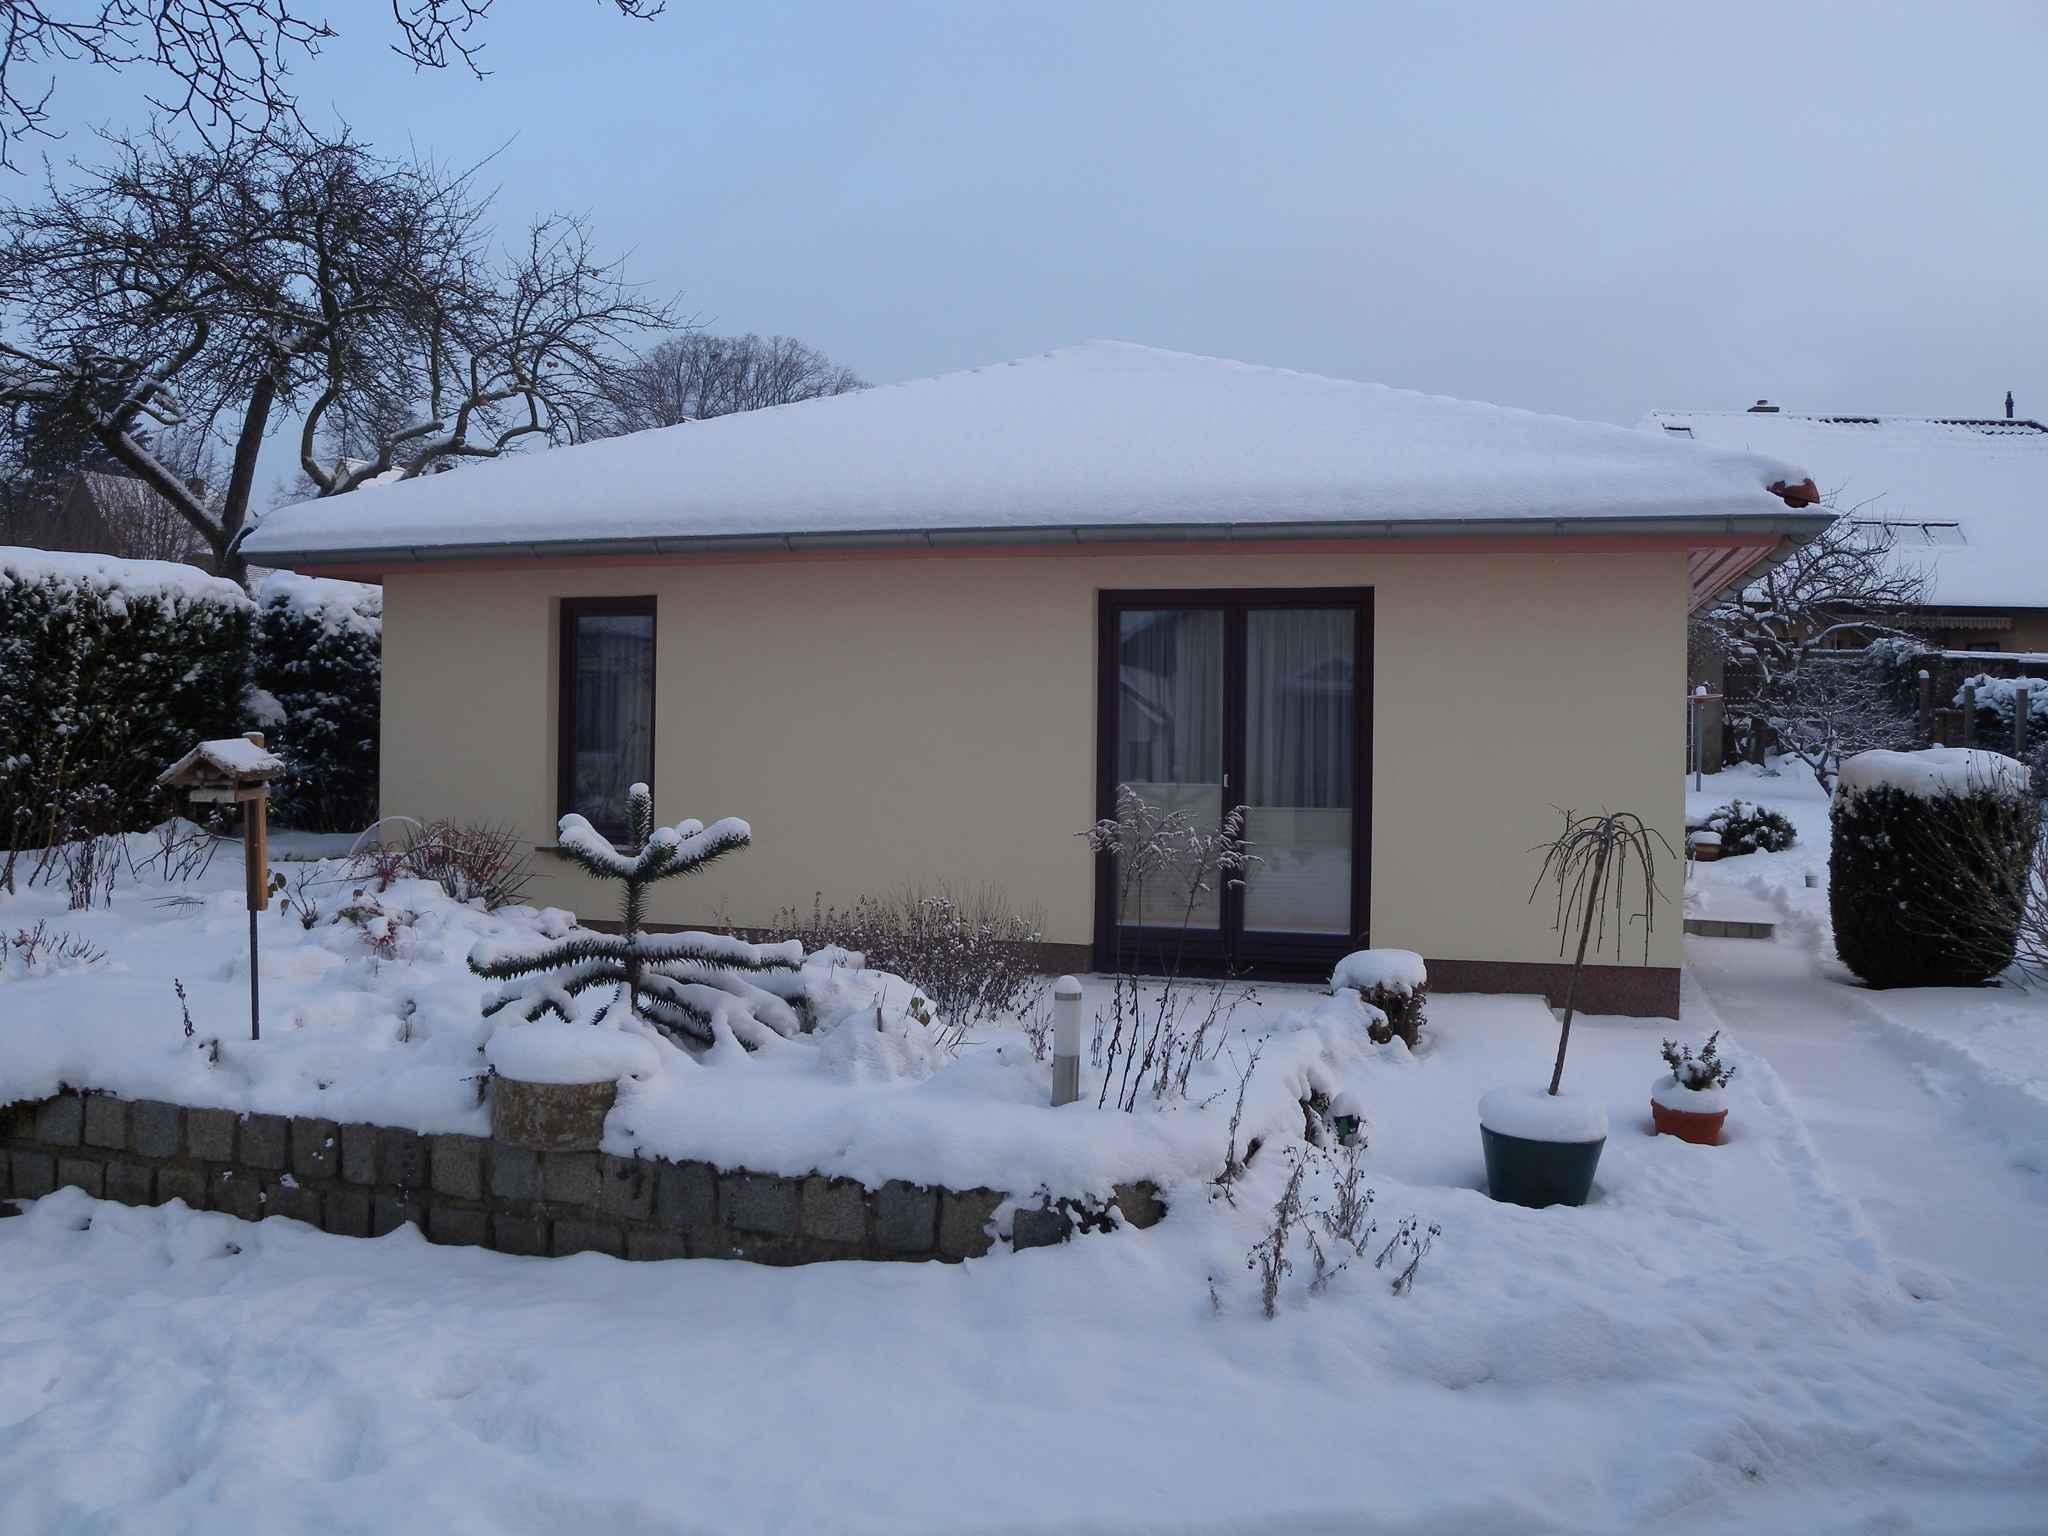 Ferienhaus Bungalow Ferienhaus mit Terrasse und Garten (358672), Bergen (Rügen), Rügen, Mecklenburg-Vorpommern, Deutschland, Bild 6